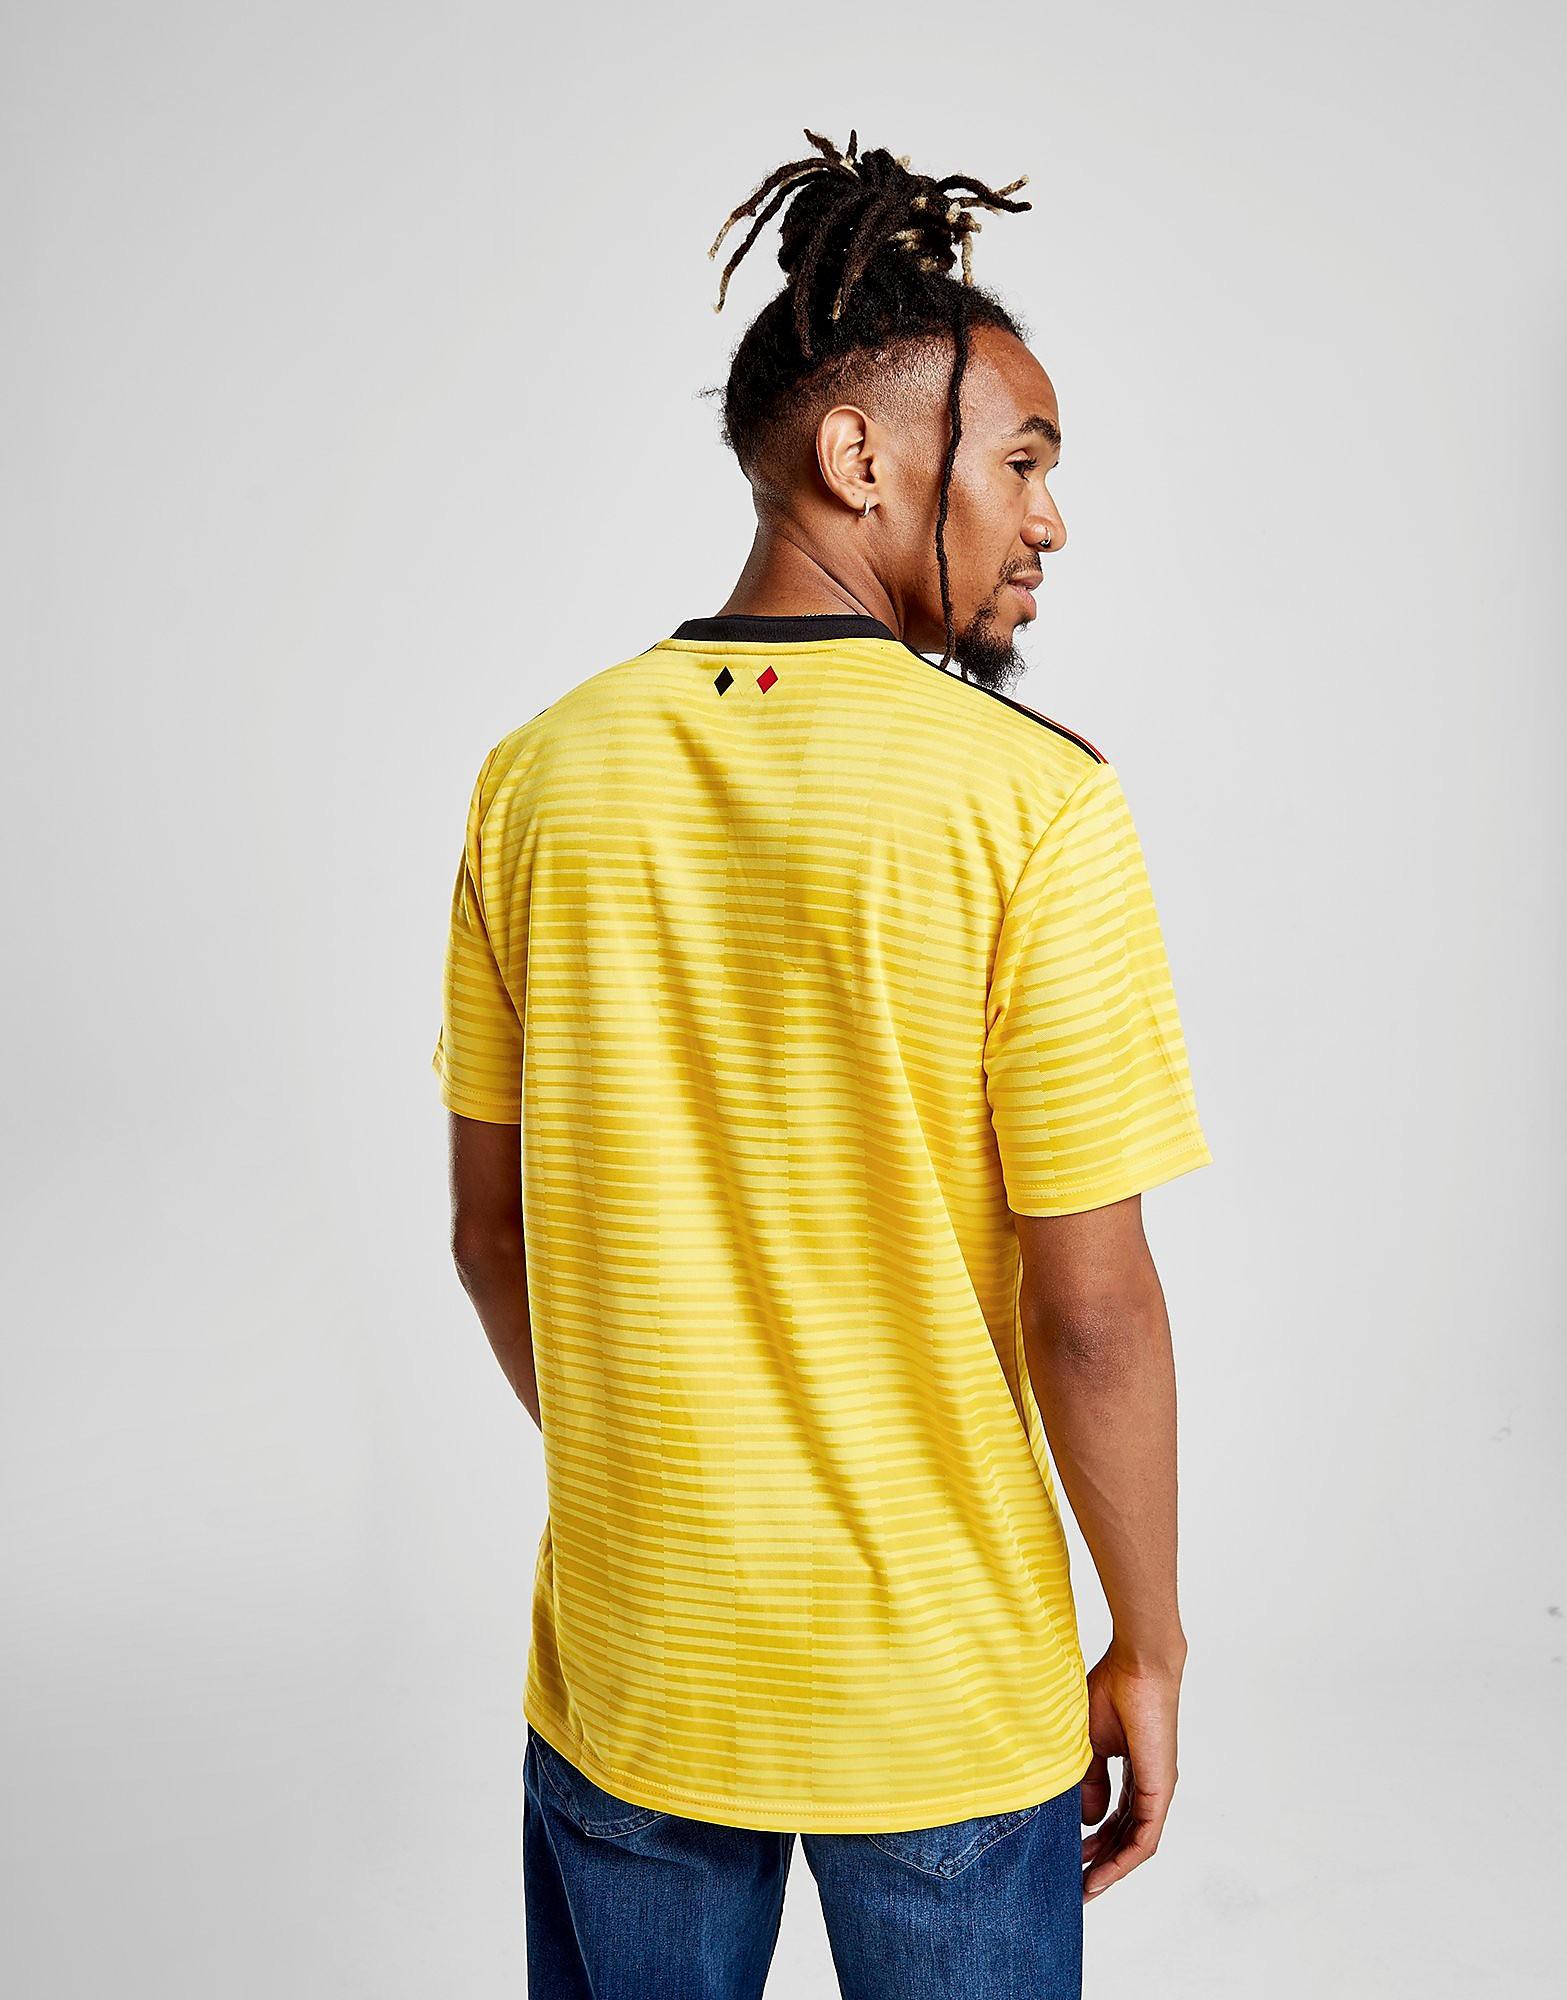 adidas Belgium 2018 Away Shirt